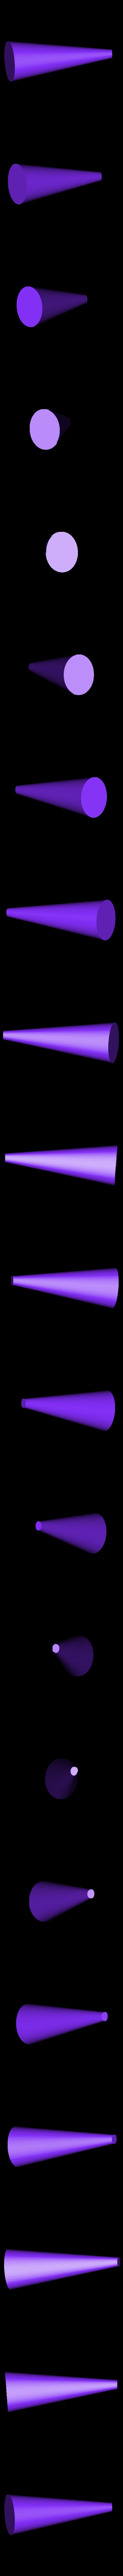 horn1.stl Download free STL file Generic Sword'n'Board 28mm figures • 3D printer model, Earsling